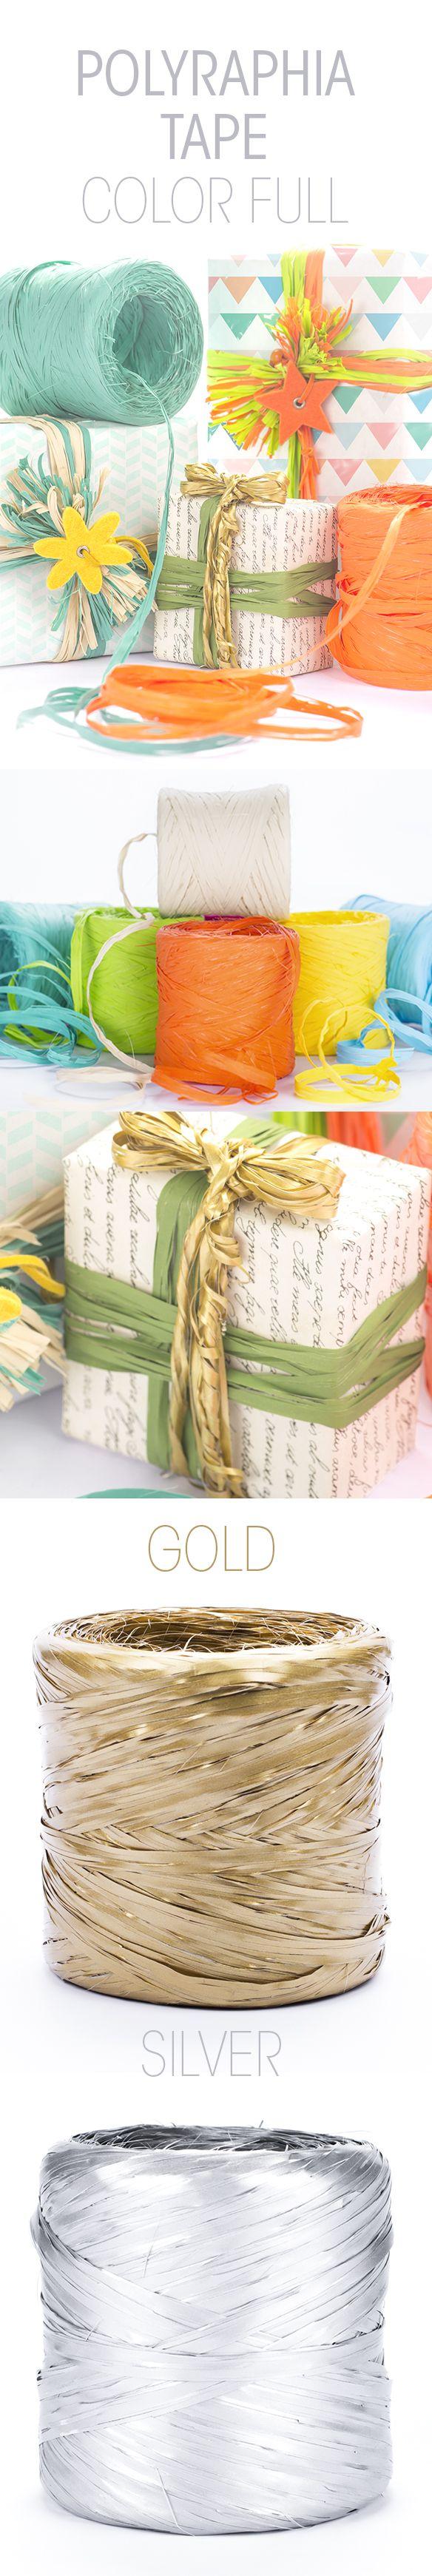 Usa i Nastri decorativi Polyraphia per vivacizzare il tuo packaging. Scegli tra una varietà di tanti colori brillanti da combinare con la tua carta regalo preferita.